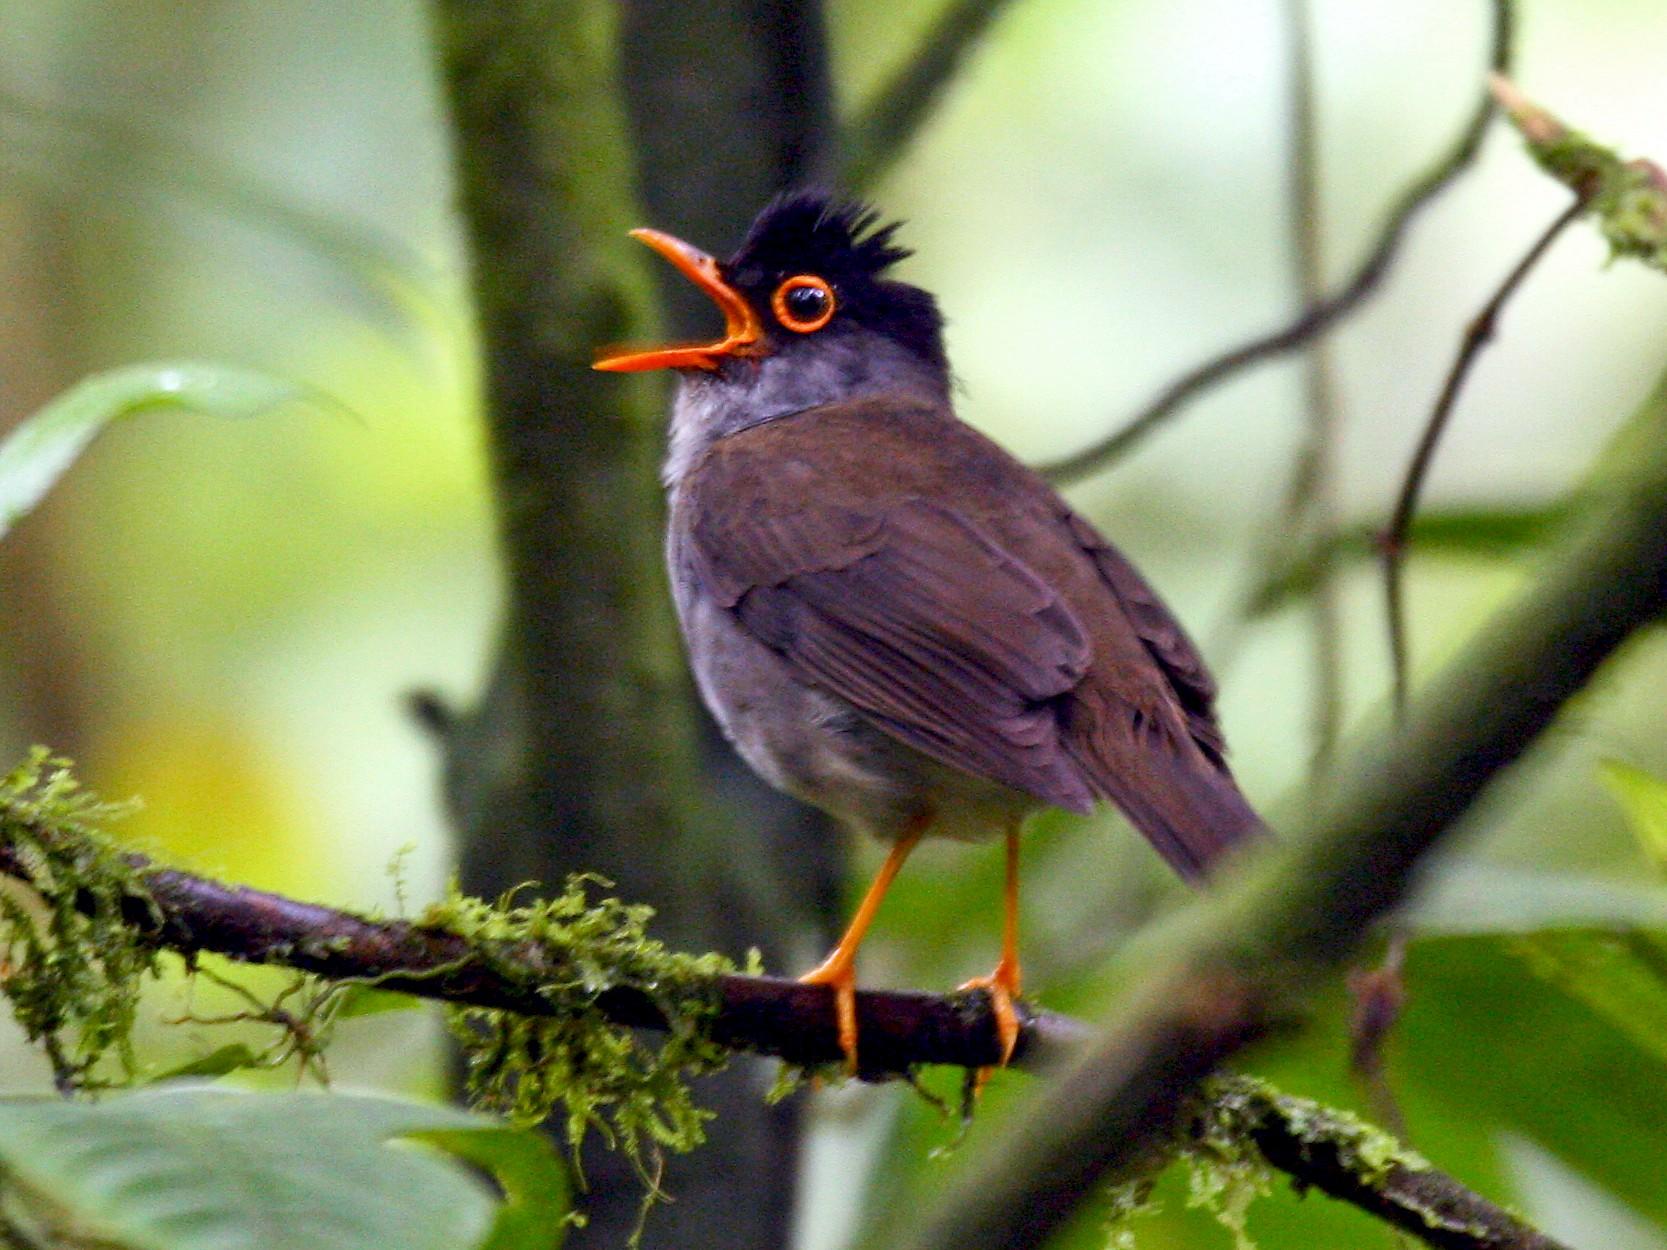 Black-headed Nightingale-Thrush - Michael Woodruff